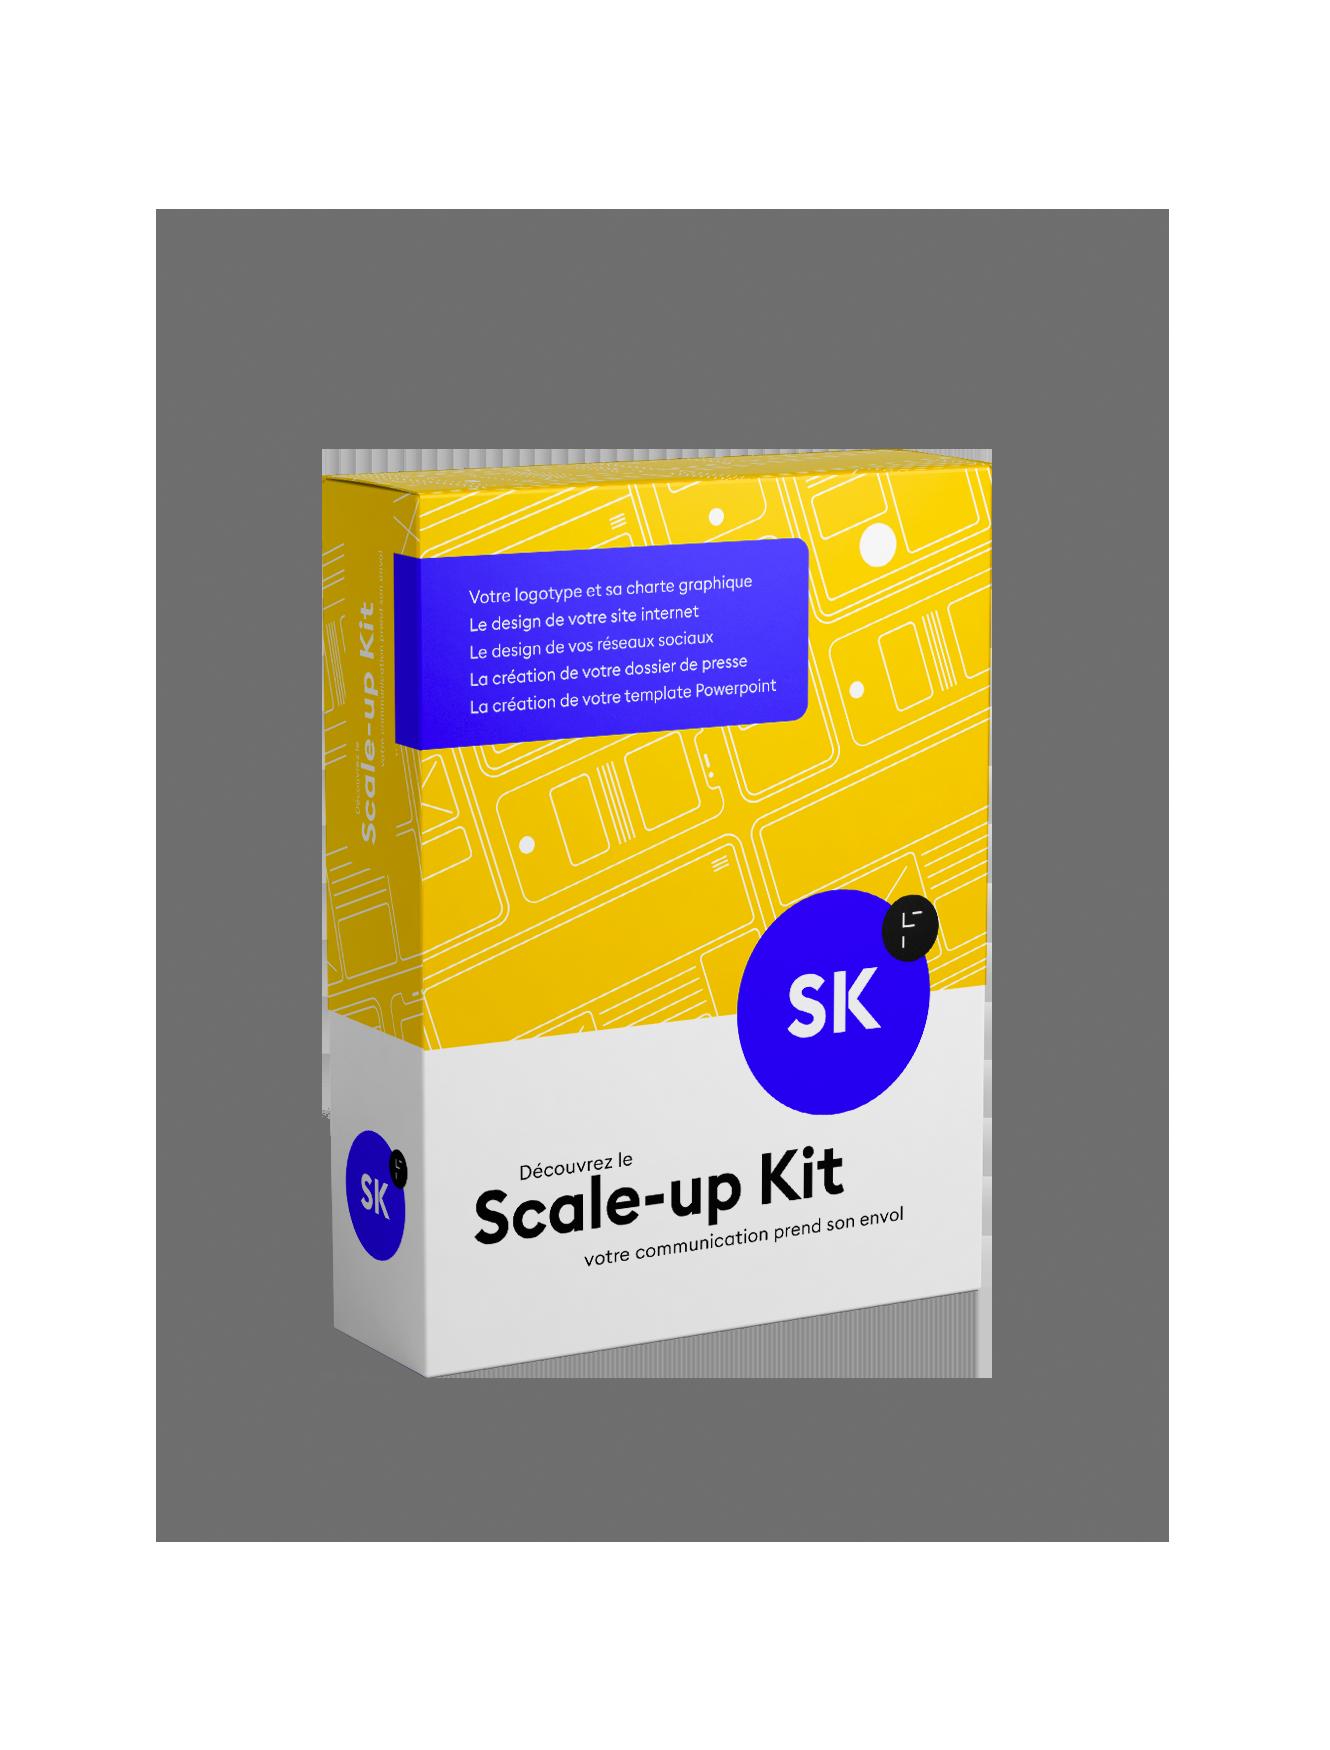 Scale-Up kit, visuel de communication